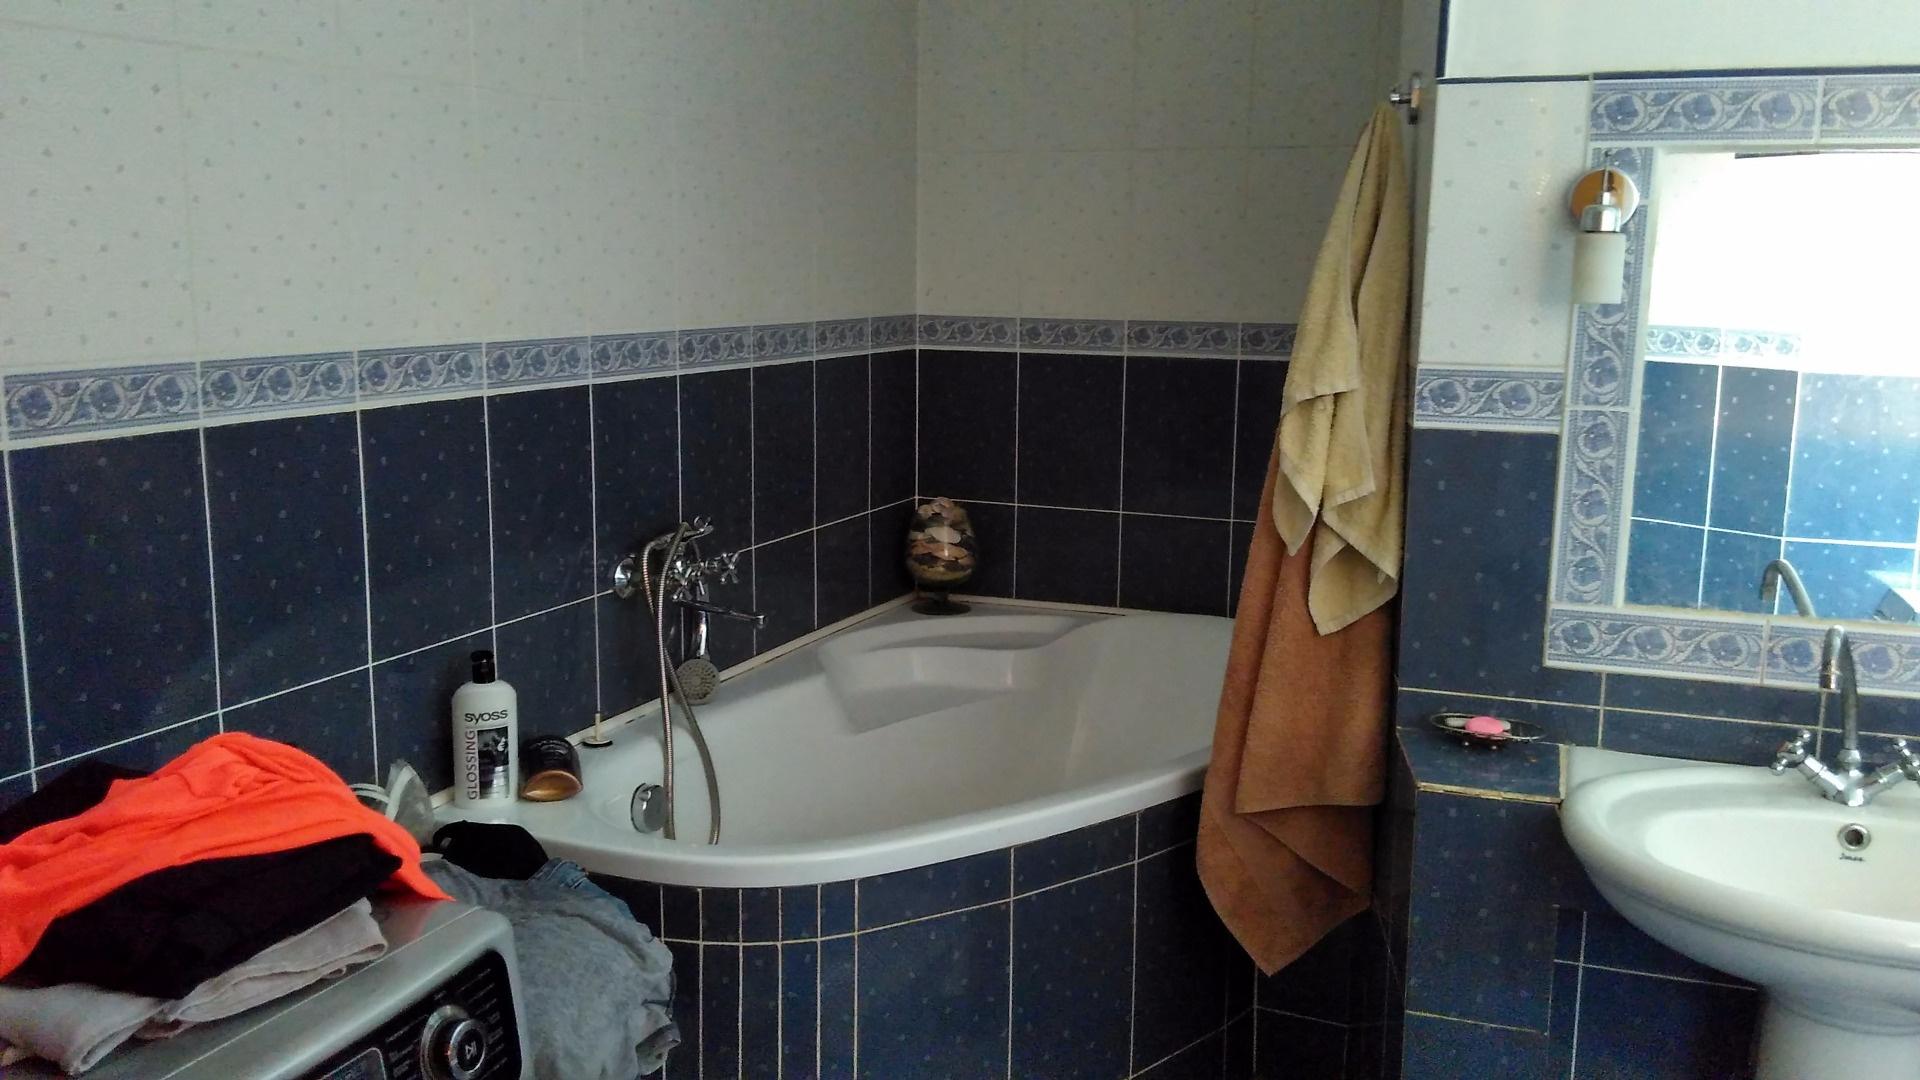 Продается 3-комнатная квартира на ул. Малая Арнаутская (Воровского) — 130 000 у.е. (фото №19)